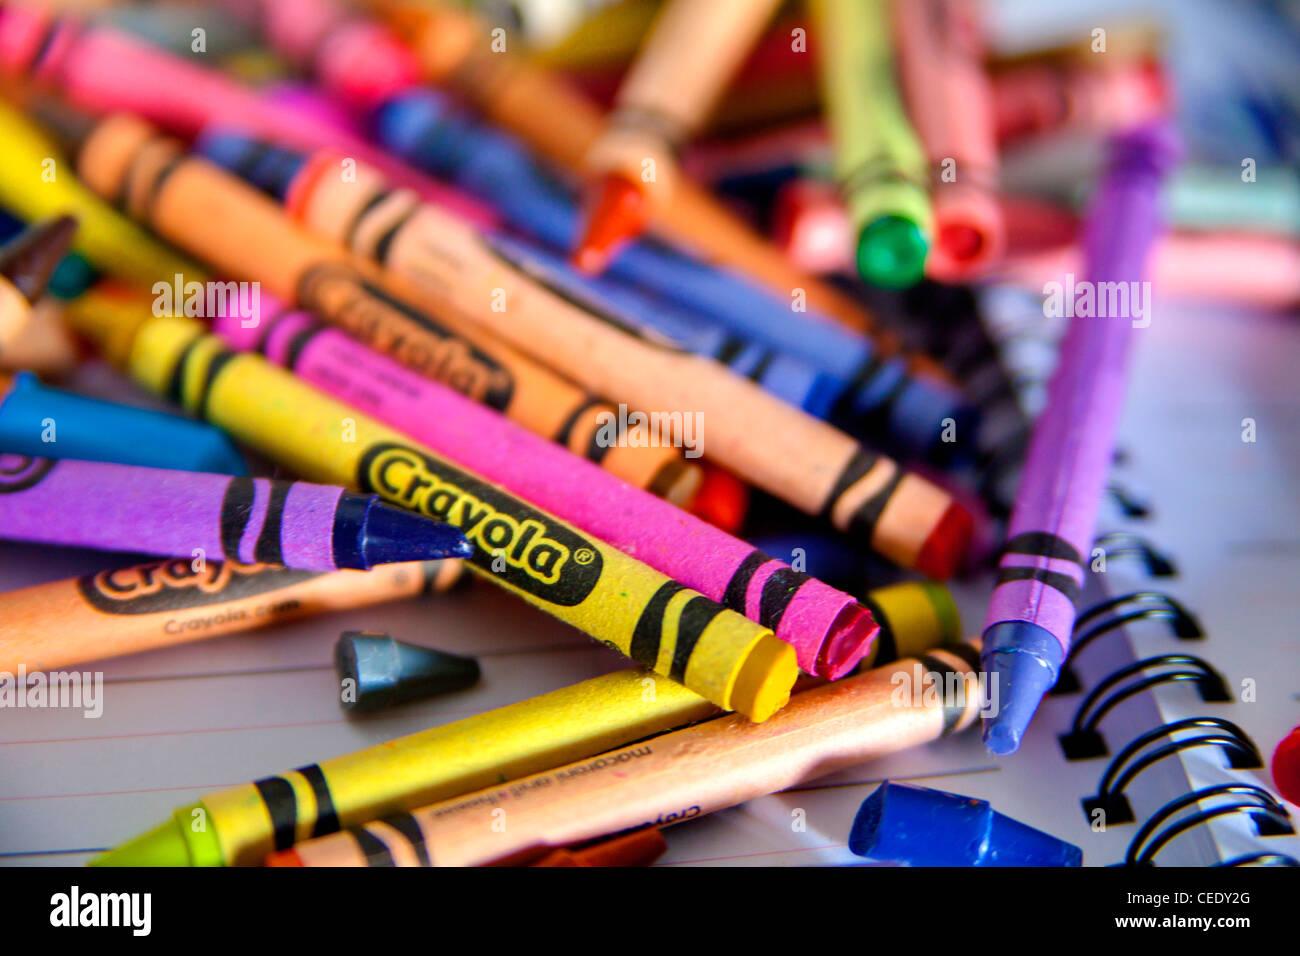 colorful crayola crayons